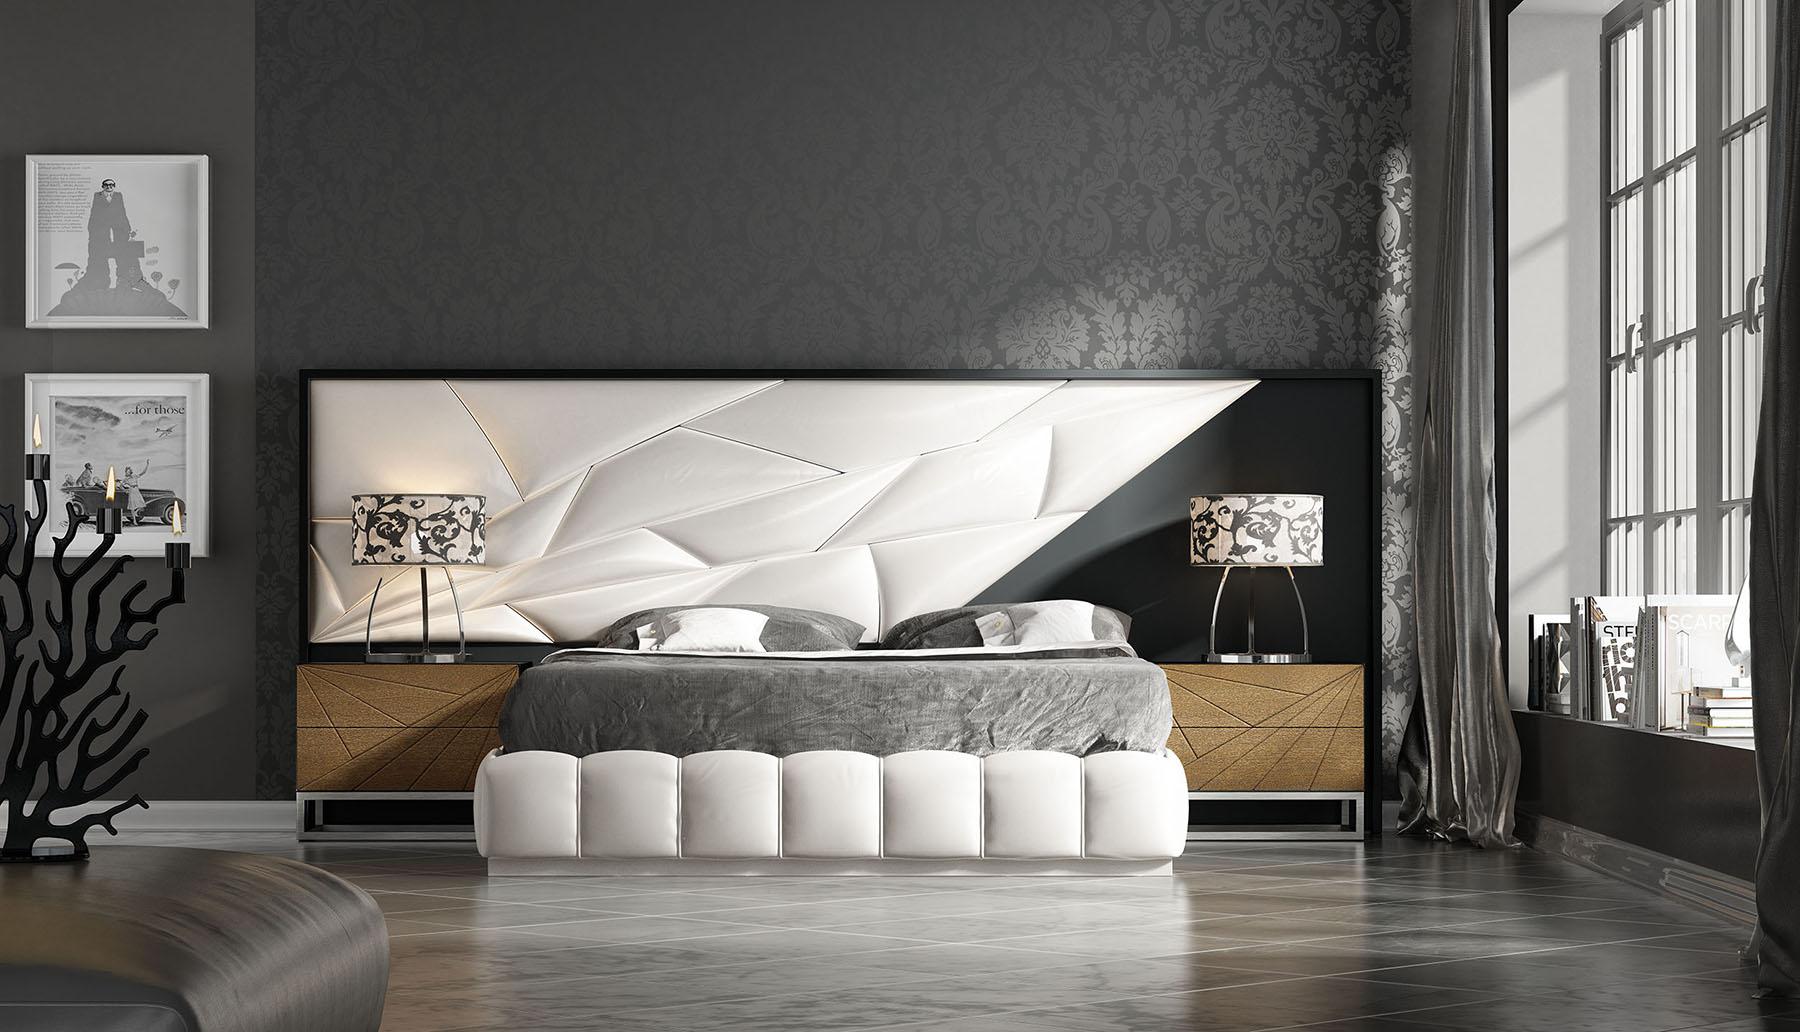 Dormitorios_Contempóraneos_(4)